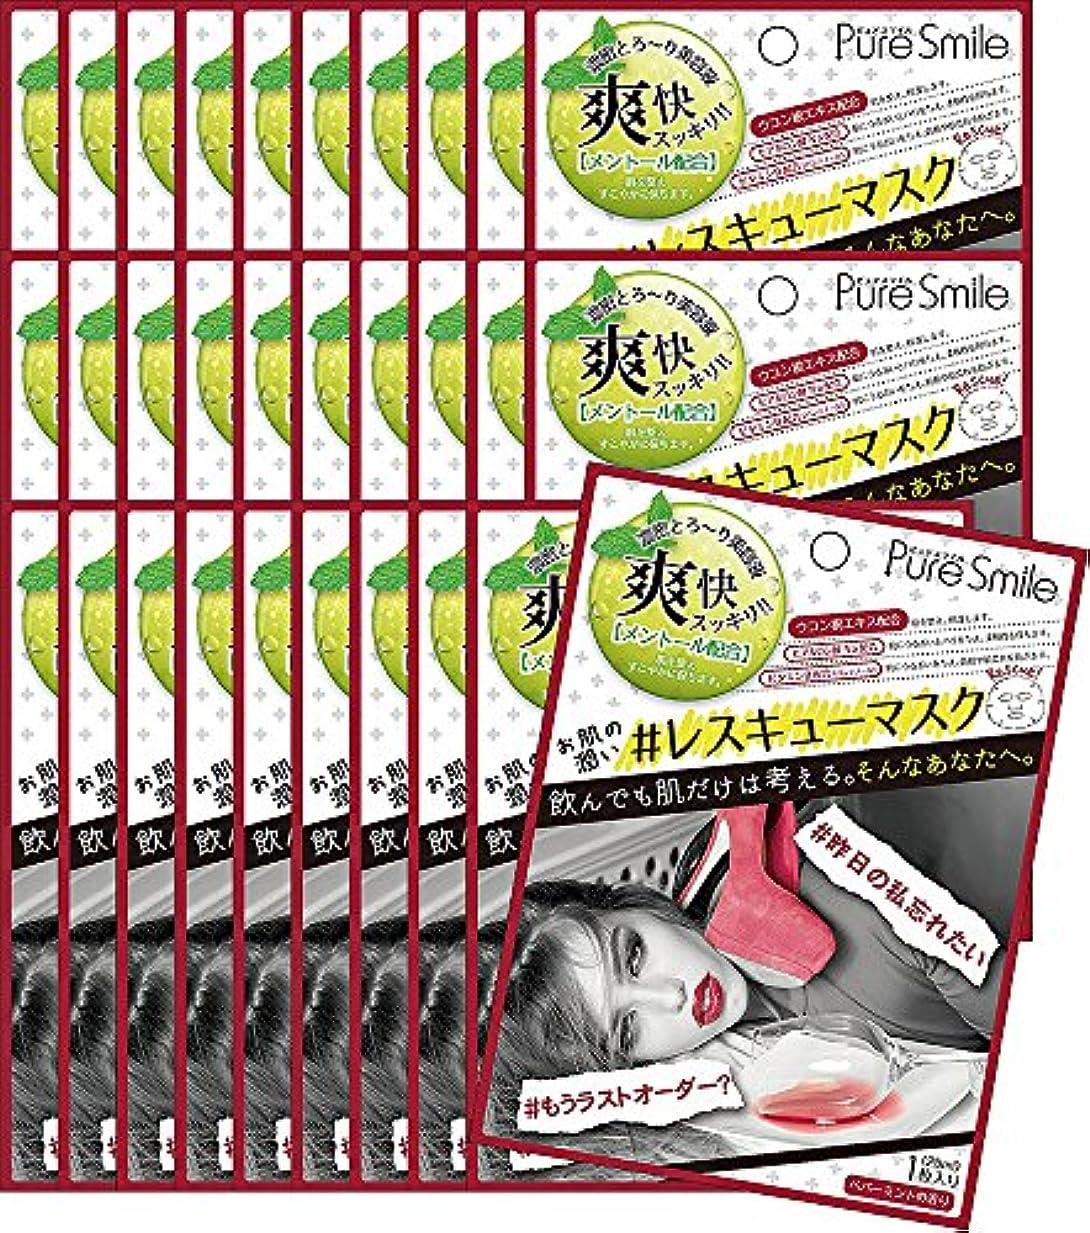 発症ブランチ有害なピュアスマイル 『レスキューマスク』【飲みすぎ/ウコンでレスキュー(ペパーミントの香り)メントール配合】30枚セット